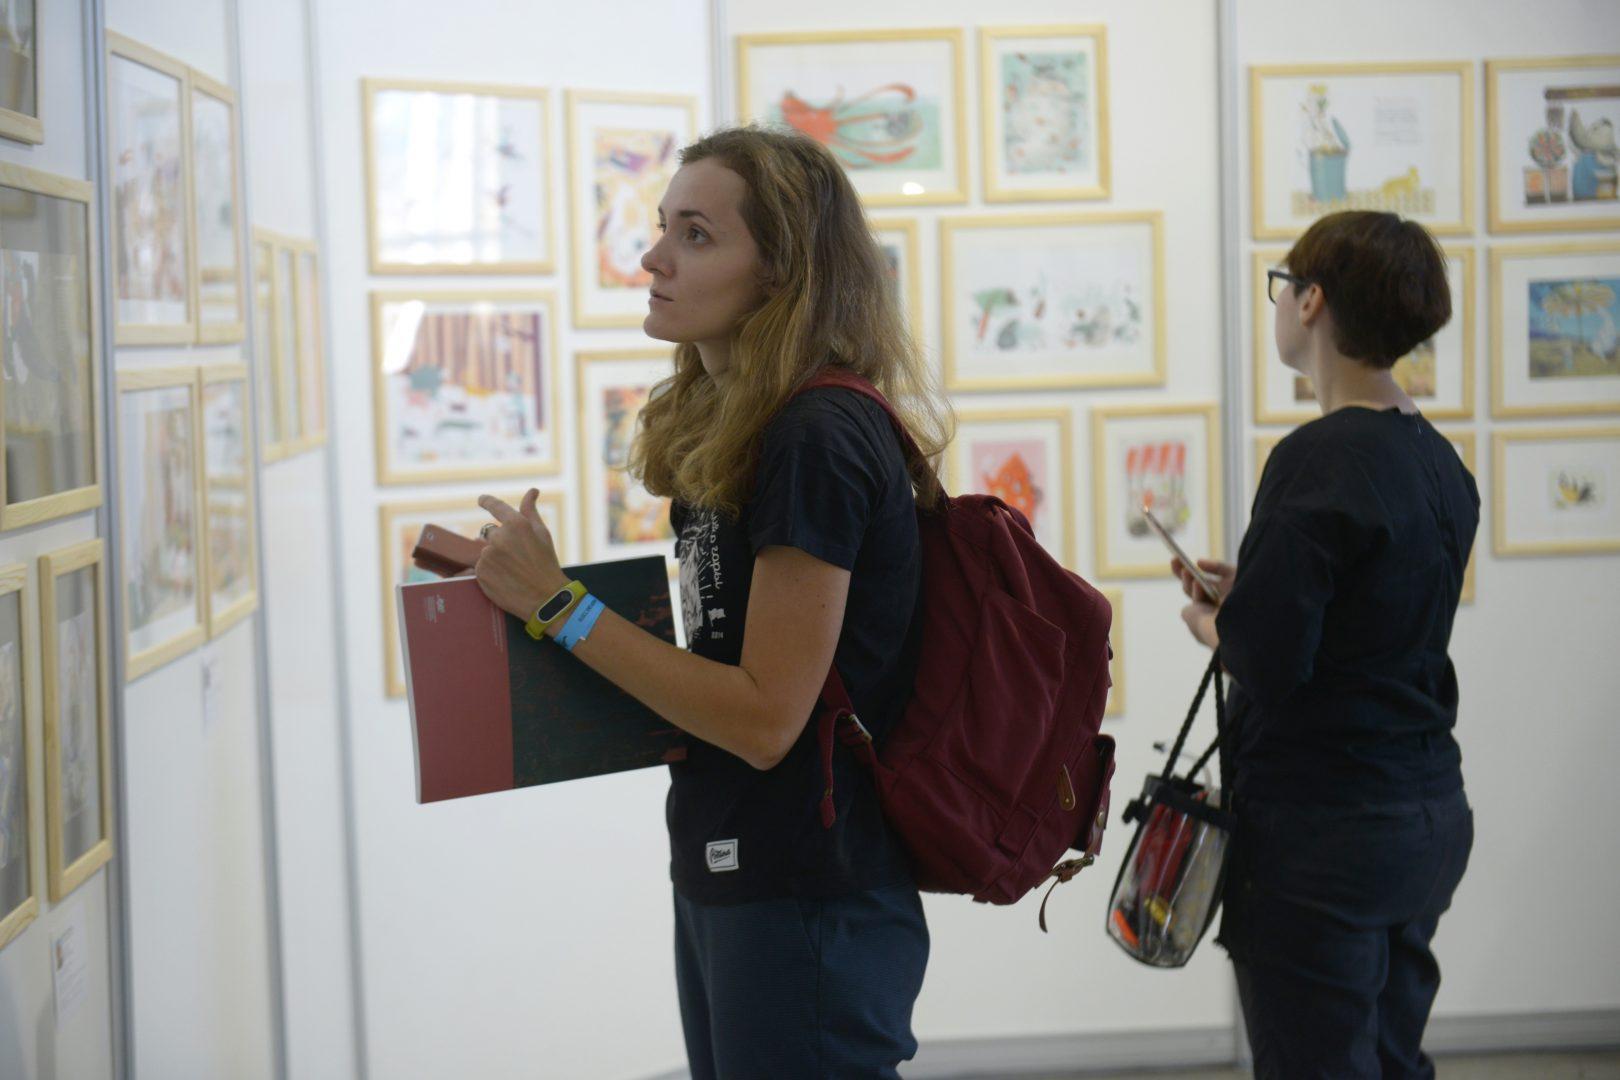 Экспозиция будет доступна для посетителей до 17 сентября. Фото: Наталья Феоктистова, «Вечерняя Москва»